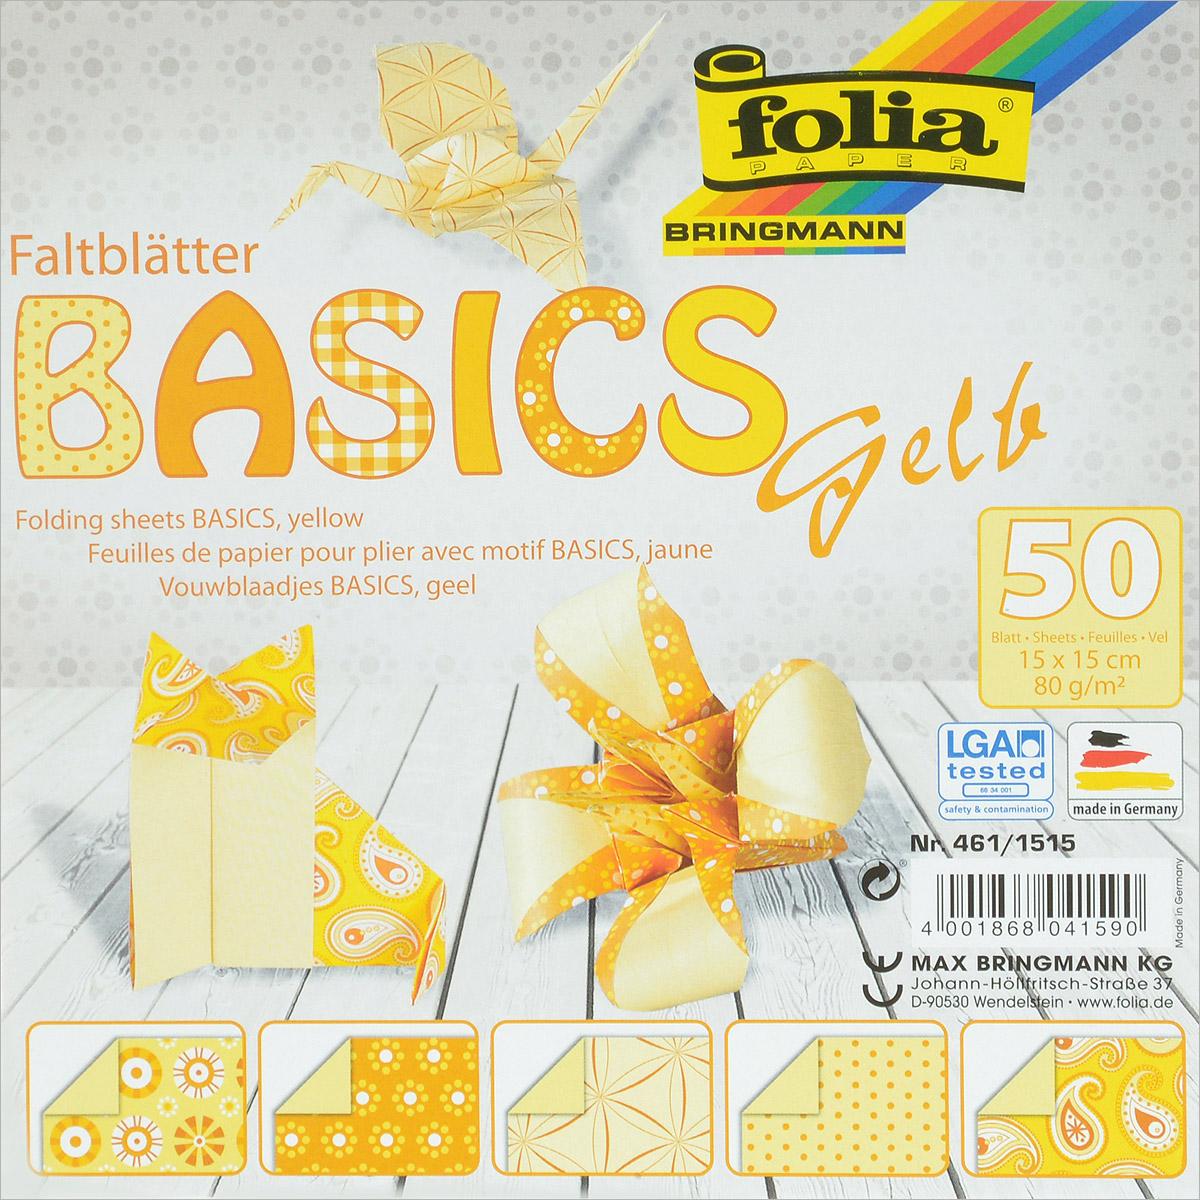 Бумага для оригами Folia, цвет: желтый, 15 х 15 см, 50 листов7708015Набор специальной цветной двусторонней бумаги для оригами Folia содержит 50 листов разных цветов, которые помогут вам и вашему ребенку сделать яркие и разнообразные фигурки. В набор входит бумага пяти разных дизайнов. С одной стороны - бумага однотонная, с другой - оформлена оригинальными узорами и орнаментами. Эти листы можно использовать для оригами, украшения для садового подсвечника или для создания новогодних звезд. При многоразовом сгибании листа на бумаге не появляются трещины, так как она обладает очень высоким качеством. Бумага хорошо комбинируется с цветным картоном.За свою многовековую историю оригами прошло путь от храмовых обрядов до искусства, дарящего радость и красоту миллионам людей во всем мире. Складывание и художественное оформление фигурок оригами интересно заполнят свободное время, доставят огромное удовольствие, радость и взрослым и детям. Увлекательные занятия оригами развивают мелкую моторику рук, воображение, мышление, воспитывают волевые качества и совершенствуют художественный вкус ребенка.Плотность бумаги: 80 г/м2.Размер листа: 15 см х 15 см.